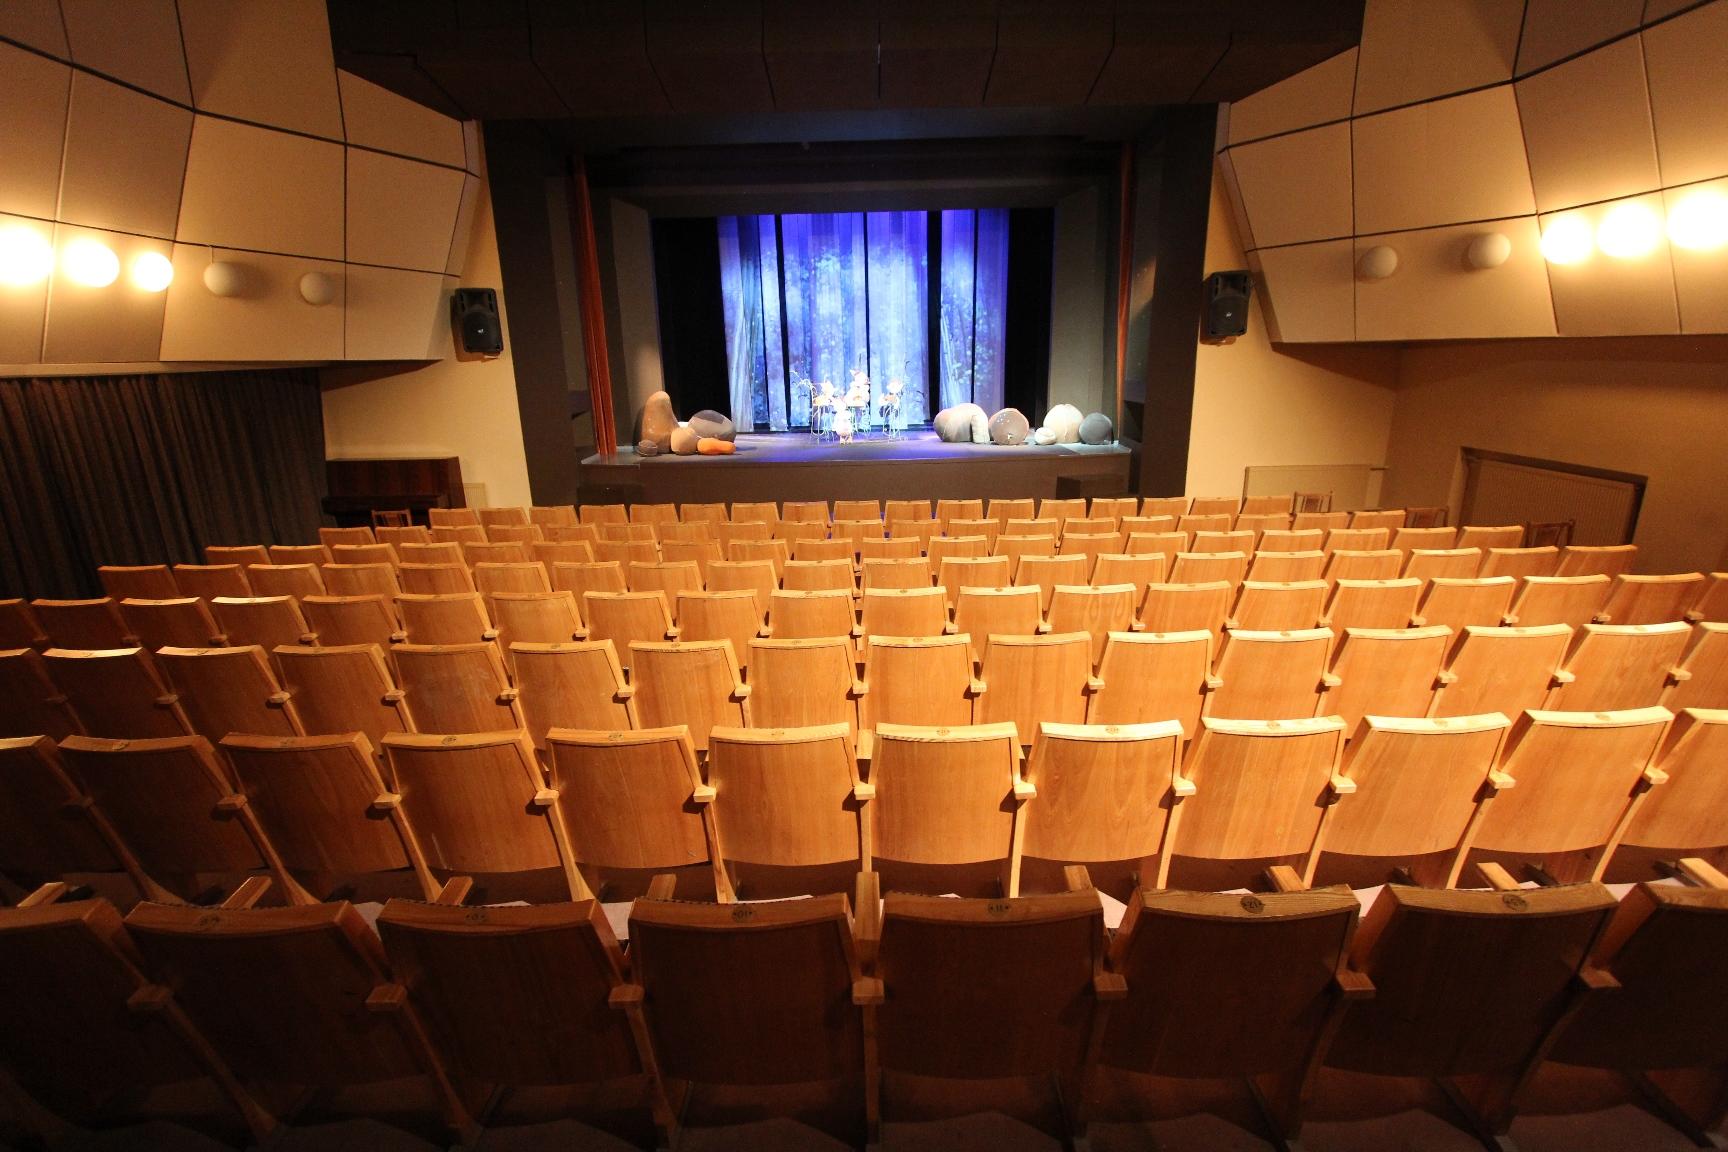 Teatro sale.jpg